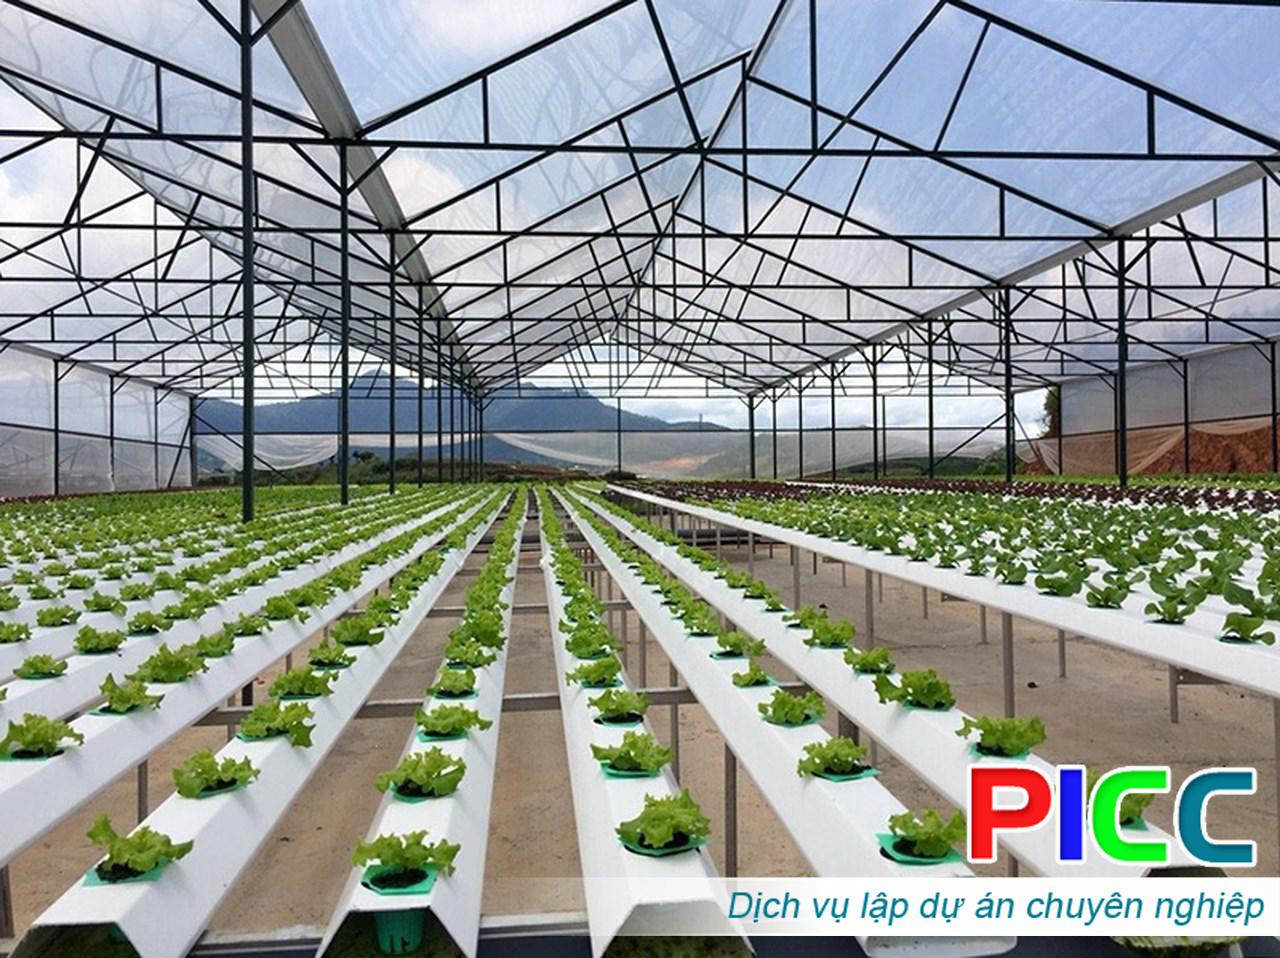 Quy hoạch các vùng nông nghiệp công nghệ cao tỉnh Ninh Thuận